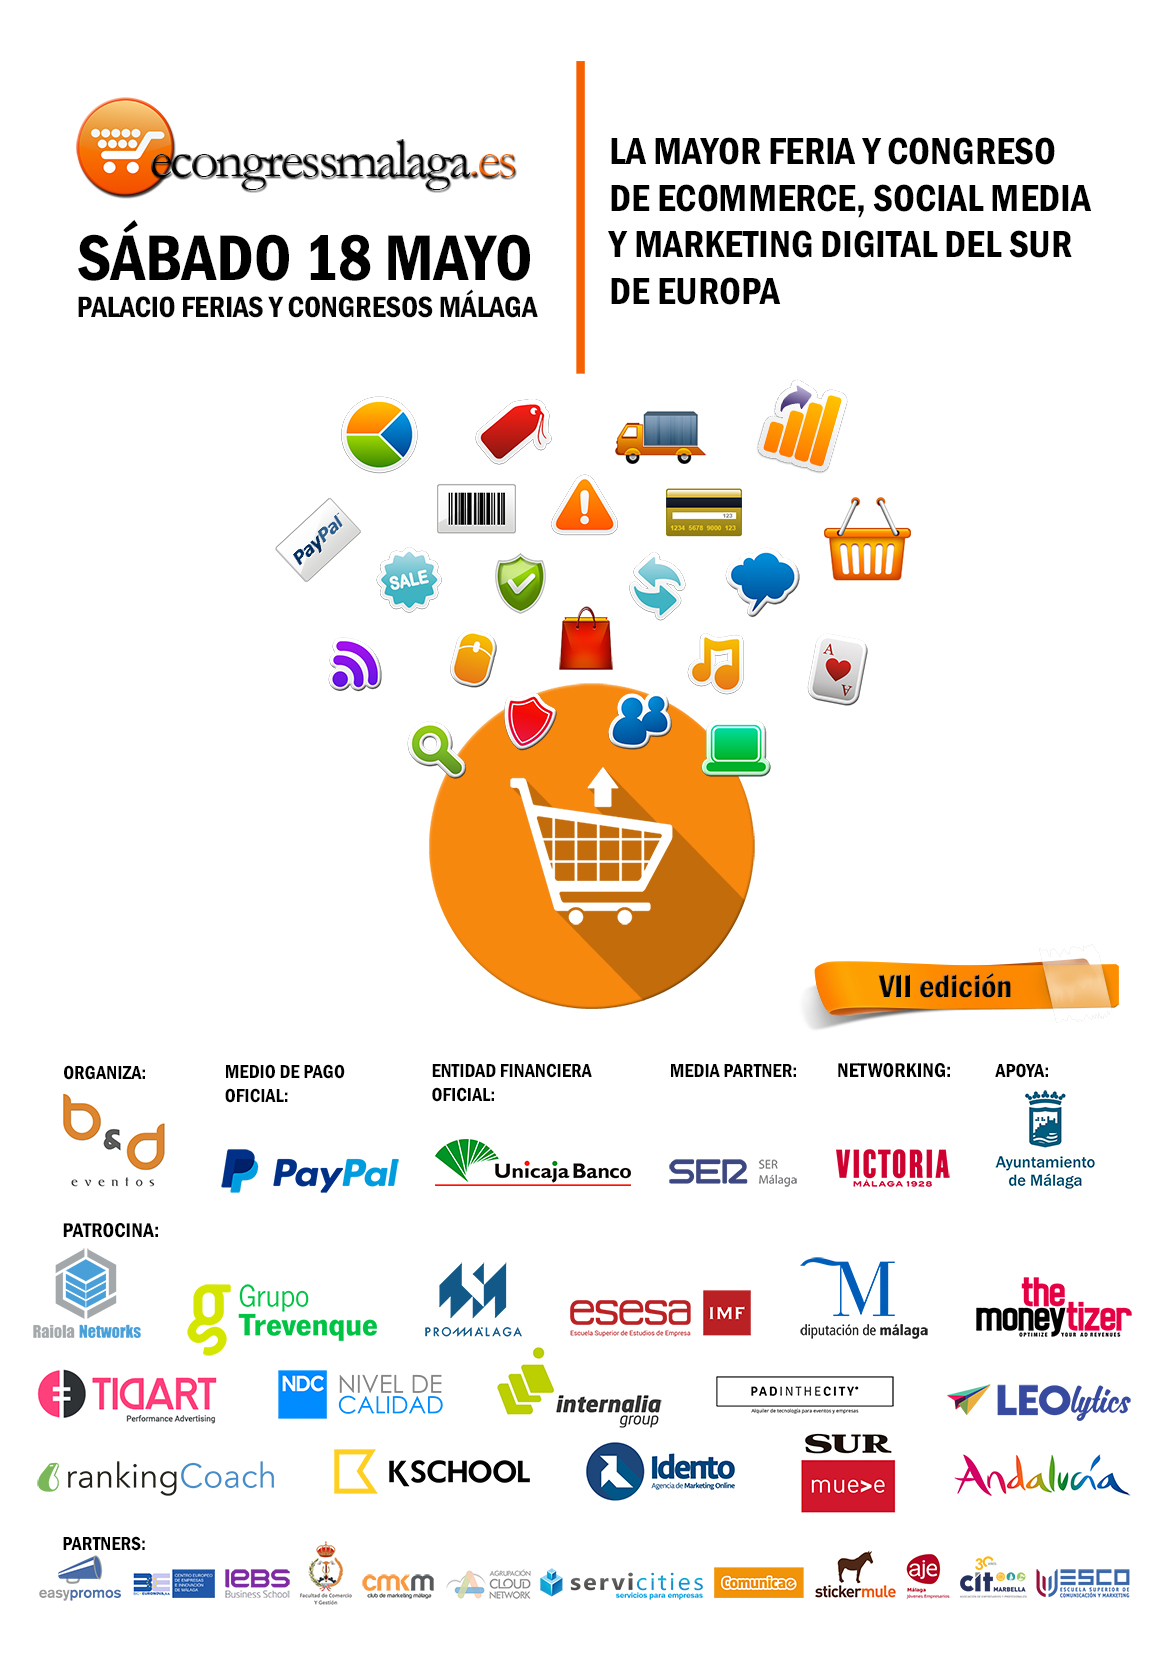 E-congress Malaga, compra tu entrada con un 25% de descuento